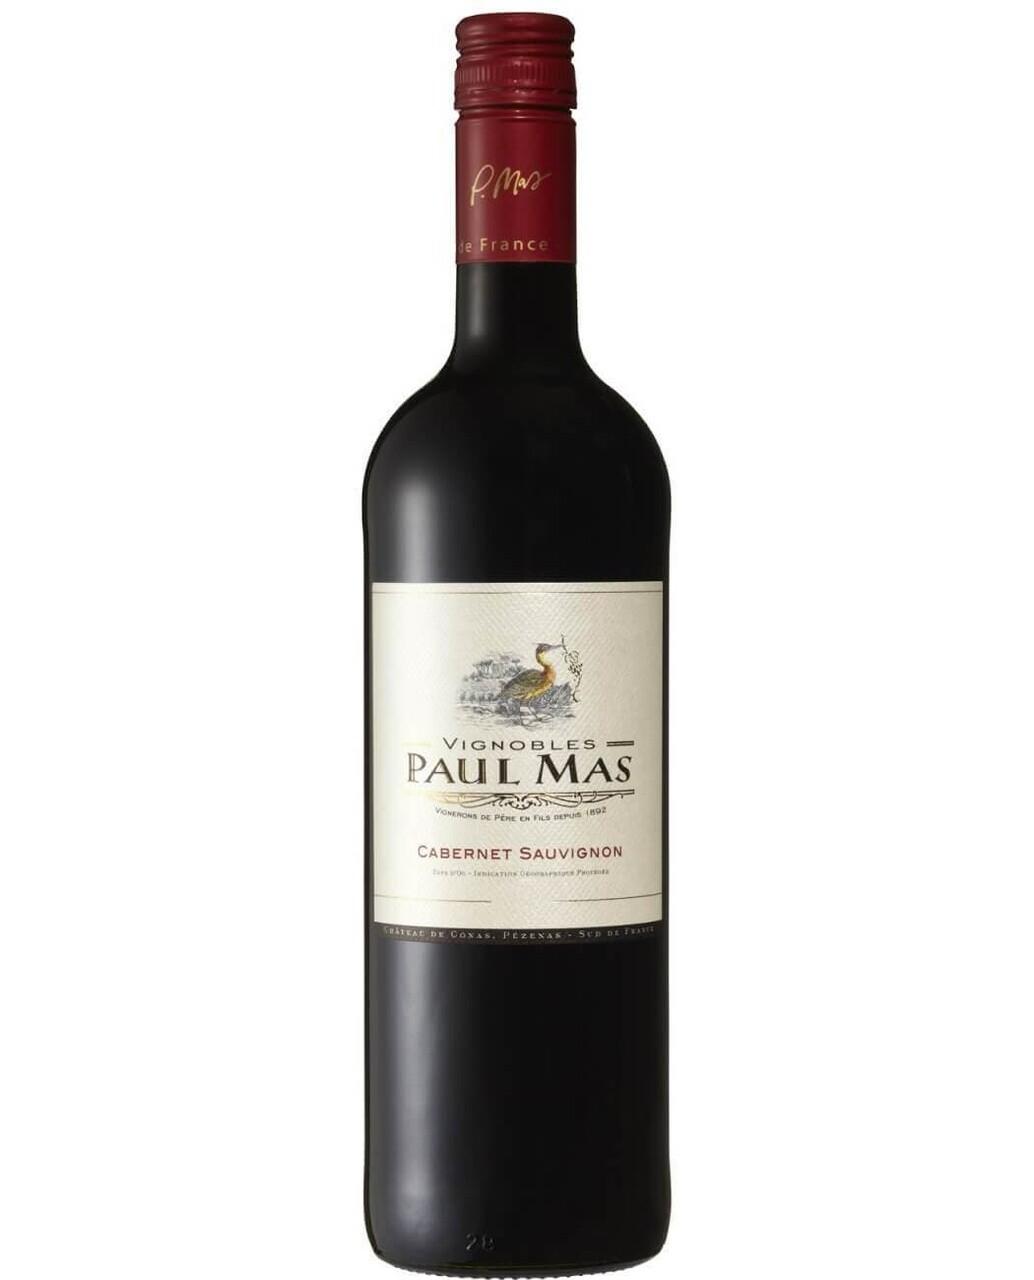 Paul Mas Vignobles Cabernet Sauvignon